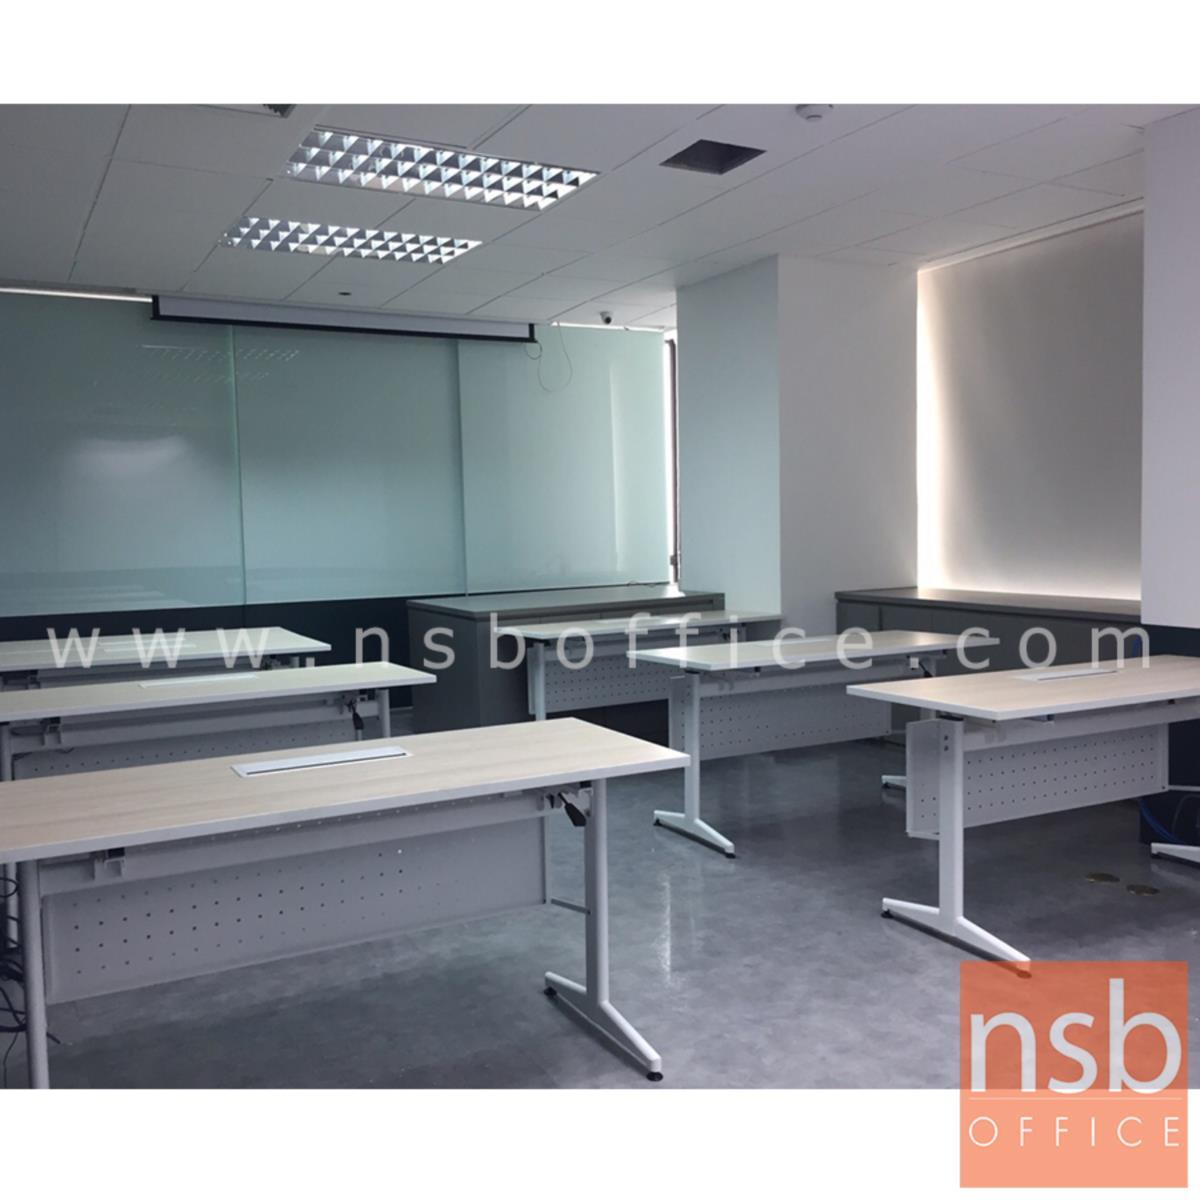 โต๊ะทำงาน  รุ่น NAOMI (นาโอมิ) พร้อมบังโป๊เหล็ก